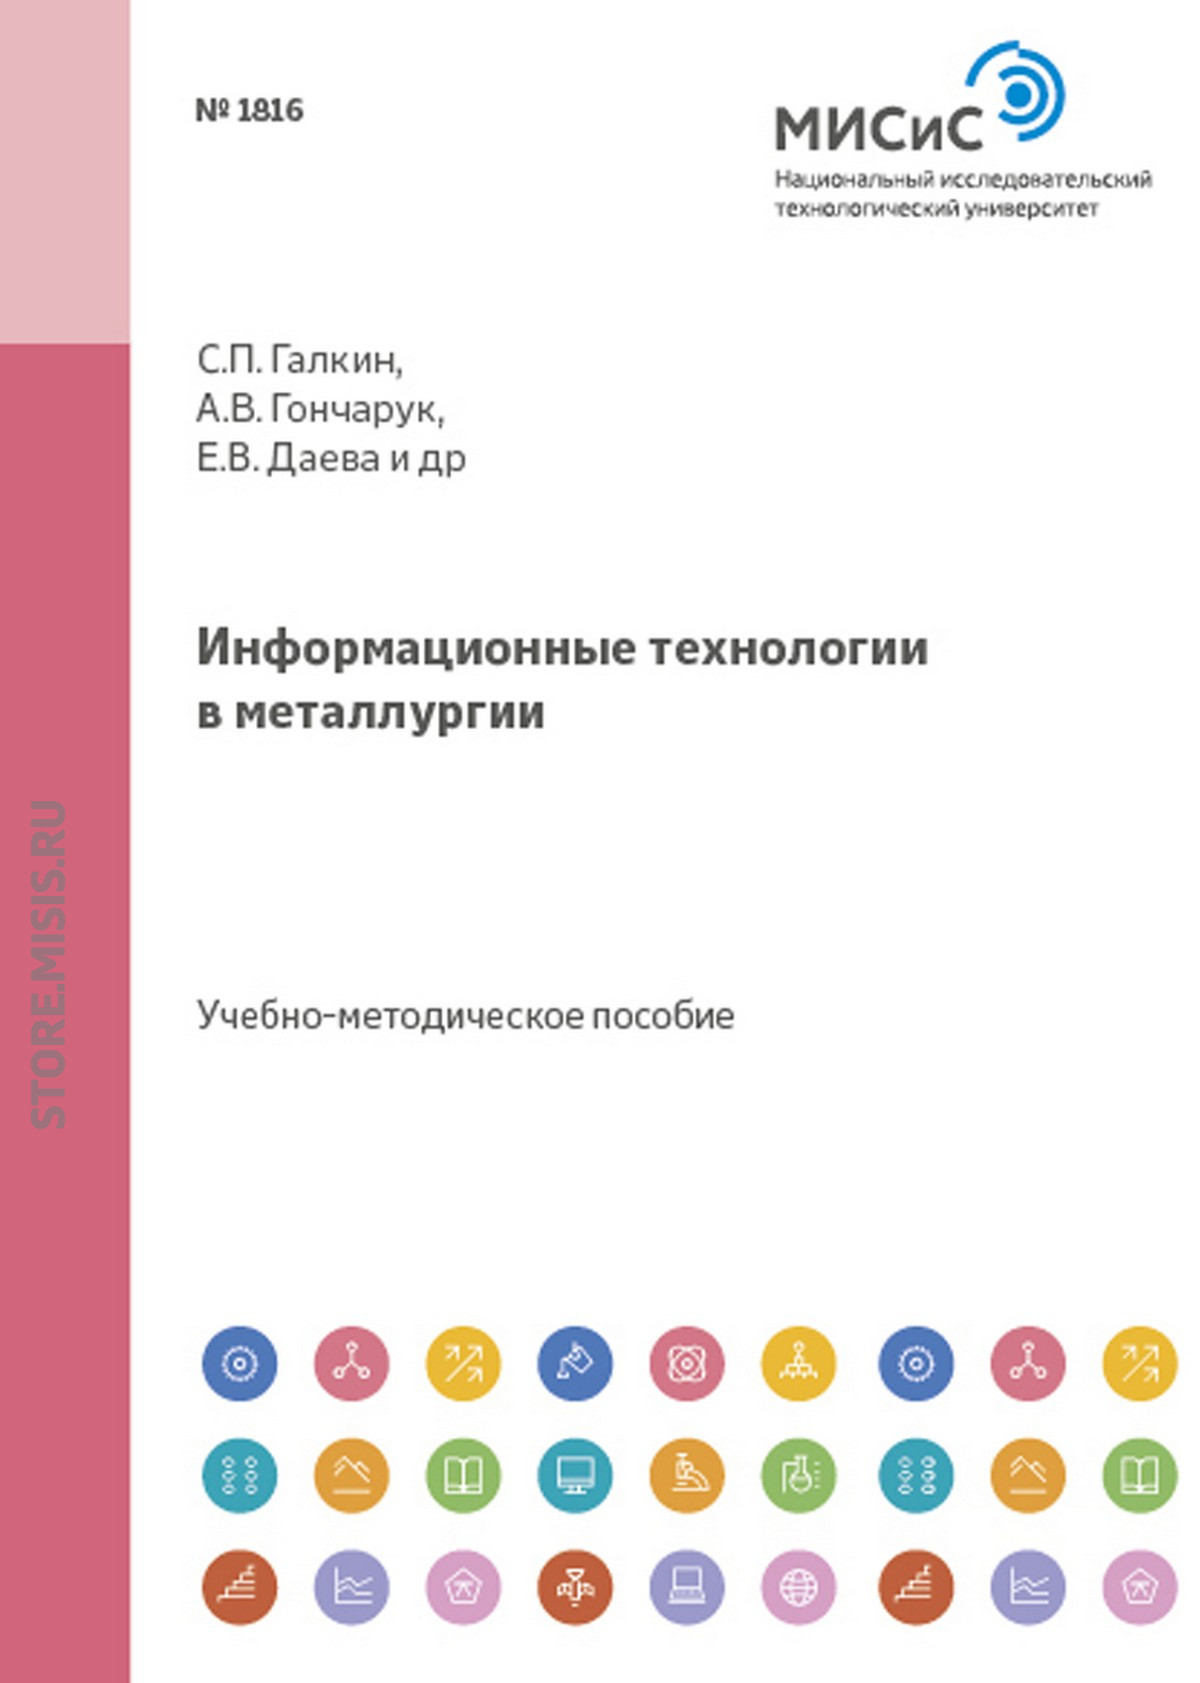 Сергей Галкин Информационные технологии в металлургии. Применение прикладных программ в проектировании технологического инструмента